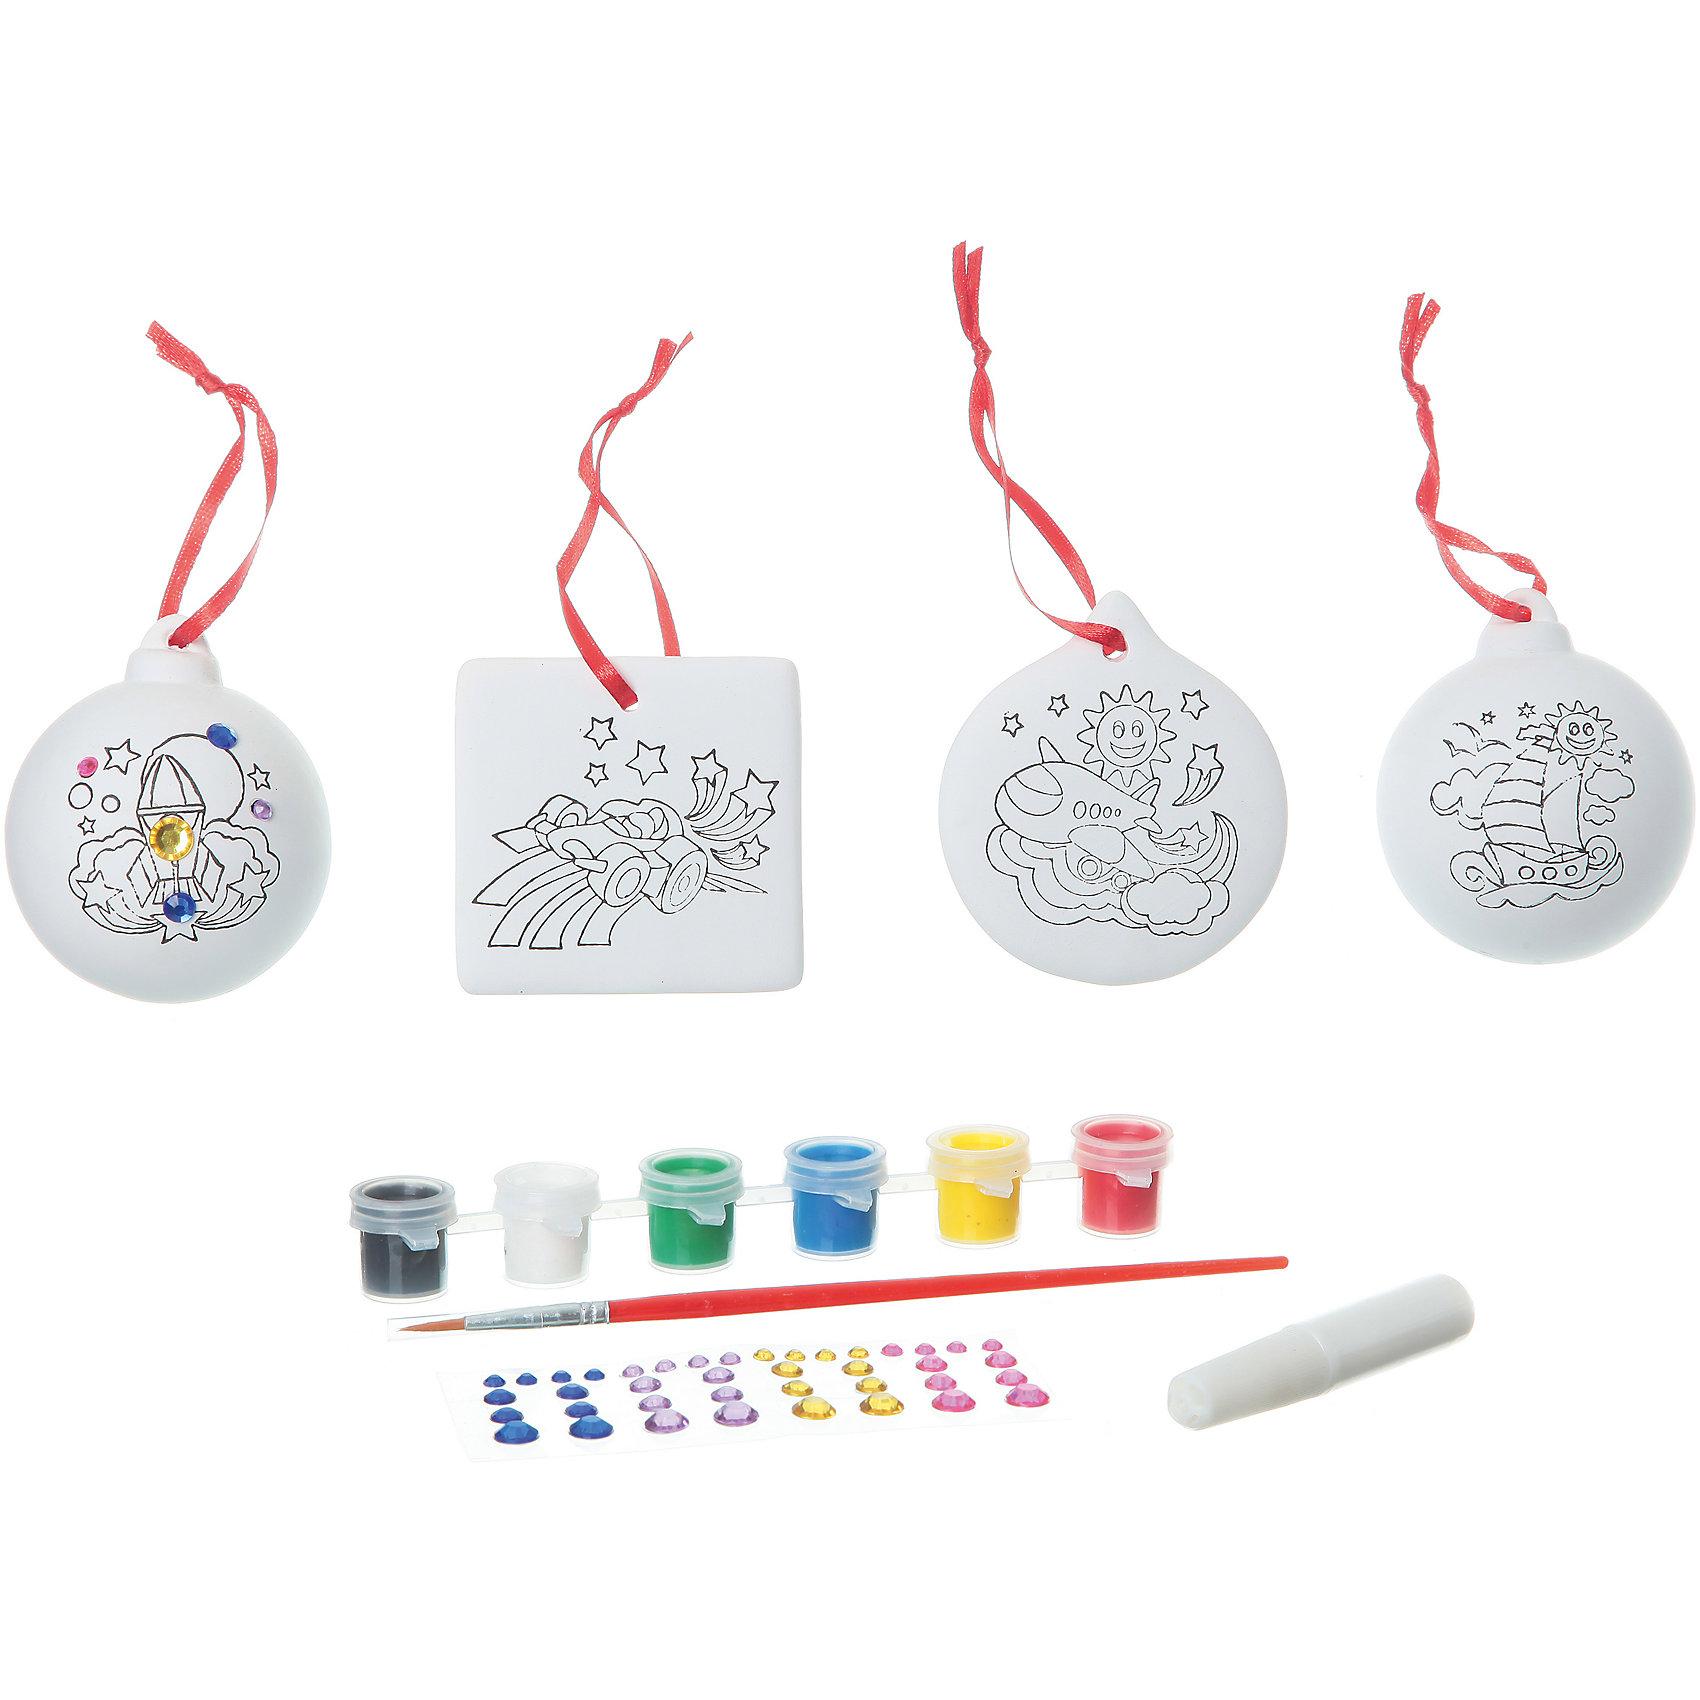 Набор для творчества со стразами (2 шарика, квадрат, круг), BondibonНаборы для творчества новогодние<br>Набор для творчества со стразами (2 шарика, квадрат, круг) Bondibon (Бондибон).<br><br>Характеристики:<br><br>• Материал: керамика, краски, текстиль.<br>• В набор входит: <br>- 4 керамических фигурки для раскрашивания, <br>- краски 6 цветов,<br>- кисточка, <br>- разноцветные стразы,<br>- инструкция.<br><br>Создайте новогоднее настроение вместе со своими детьми! Набор для творчества с Машей поможет вам провести творчески досуг и создаст праздничное настроение. В наборе 4 керамических фигурки для раскрашивания: 2 шарика, квадрат, сердце, которые нужно раскрасить так, как вам подскажет фантазия. Разноцветные мерцающие стразы сделают игрушки по- настоящему волшебными и новогодними. Раскрашивать изделия из керамики - очень интересно и увлекательно. Такие фигурки, раскрашенные вручную, станут отличным подарком! Работа с таким набором помогает развить творческие способности, усидчивость, внимательность, самостоятельность, координацию движений.<br><br>Набор для творчества со стразами (2 шарика, квадрат, круг) Bondibon (Бондибон), можно купить в нашем интернет – магазине.<br><br>Ширина мм: 262<br>Глубина мм: 60<br>Высота мм: 222<br>Вес г: 492<br>Возраст от месяцев: 60<br>Возраст до месяцев: 1188<br>Пол: Унисекс<br>Возраст: Детский<br>SKU: 5124541